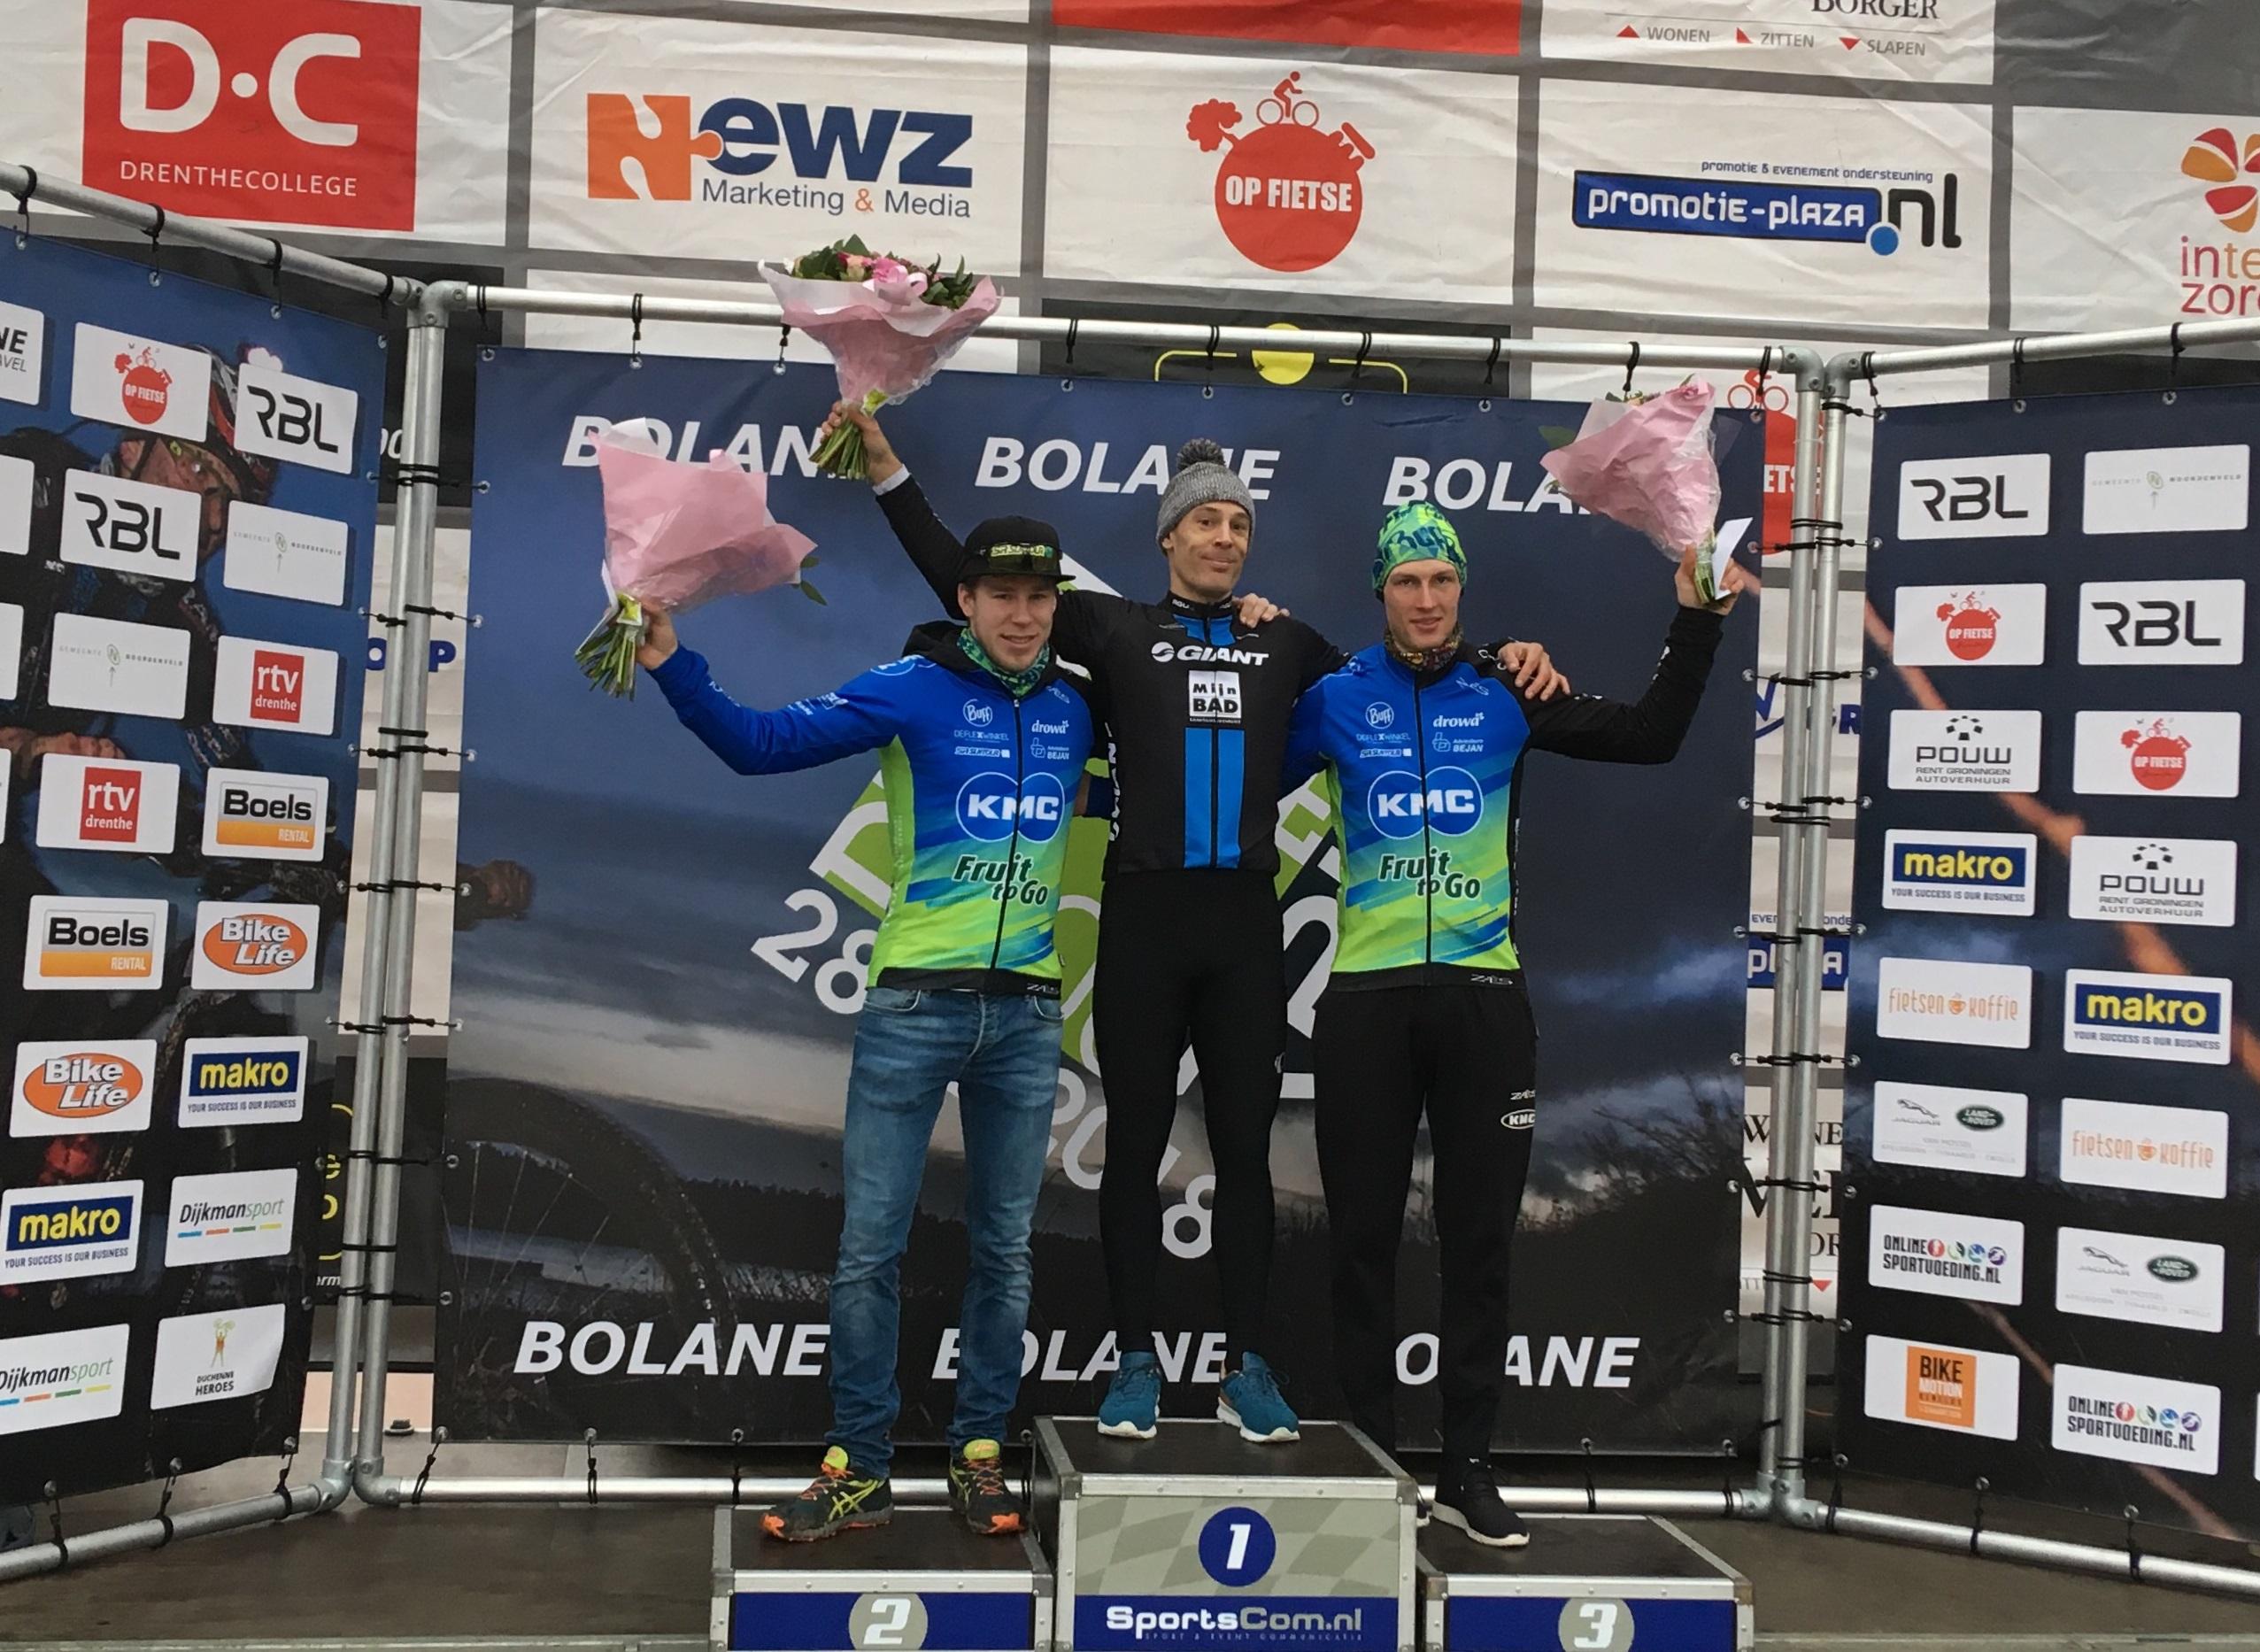 Roel Verhoeven en Gerben Mos op podium in Drenthe 200